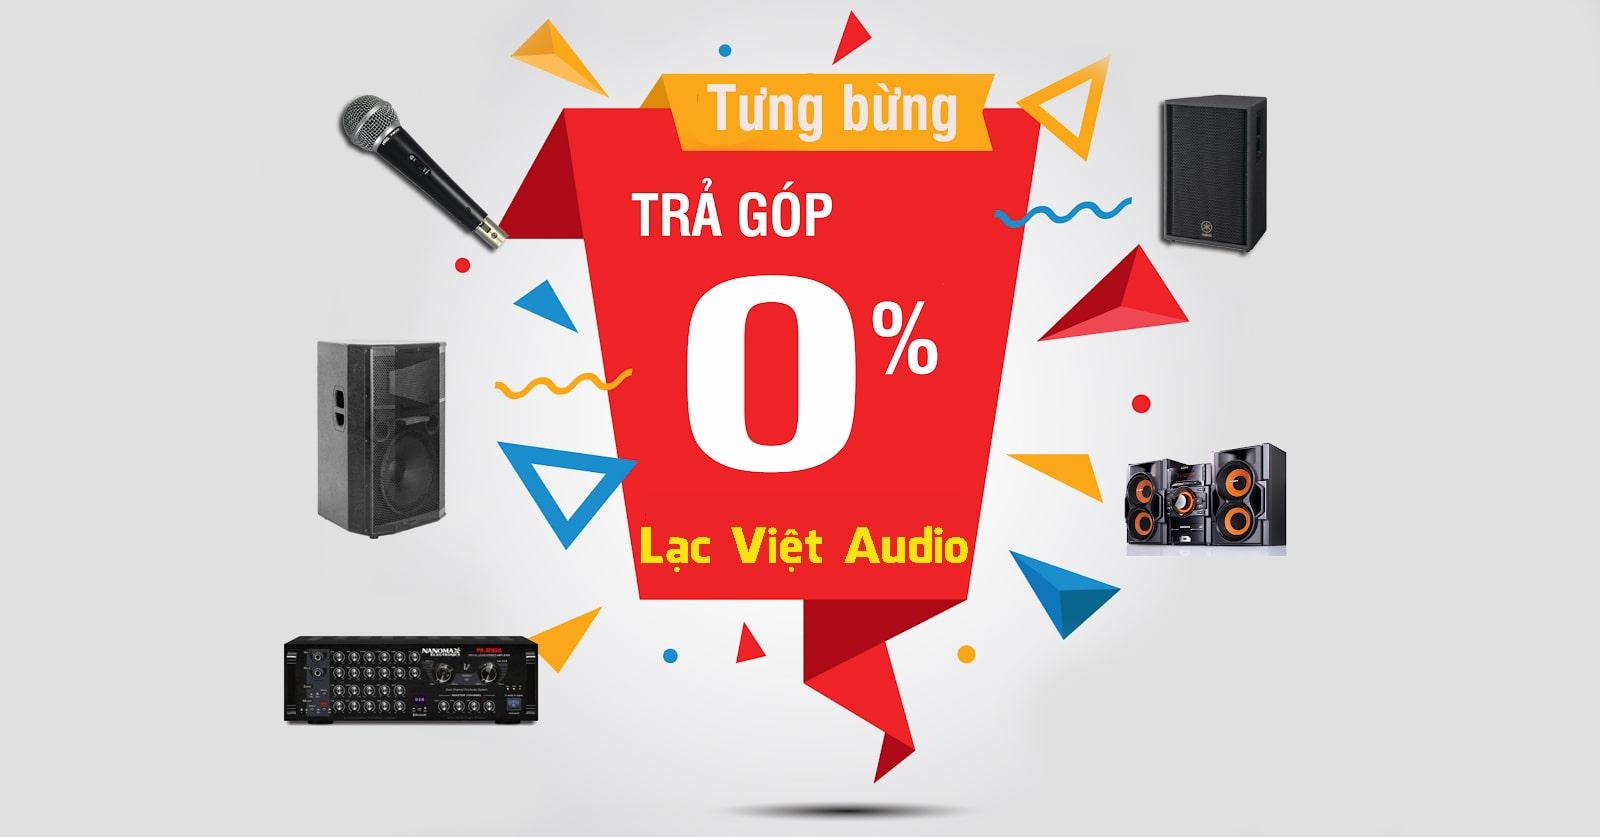 Hướng dẫn cách mua loa sân khấu trả góp tại Lạc Việt Audio